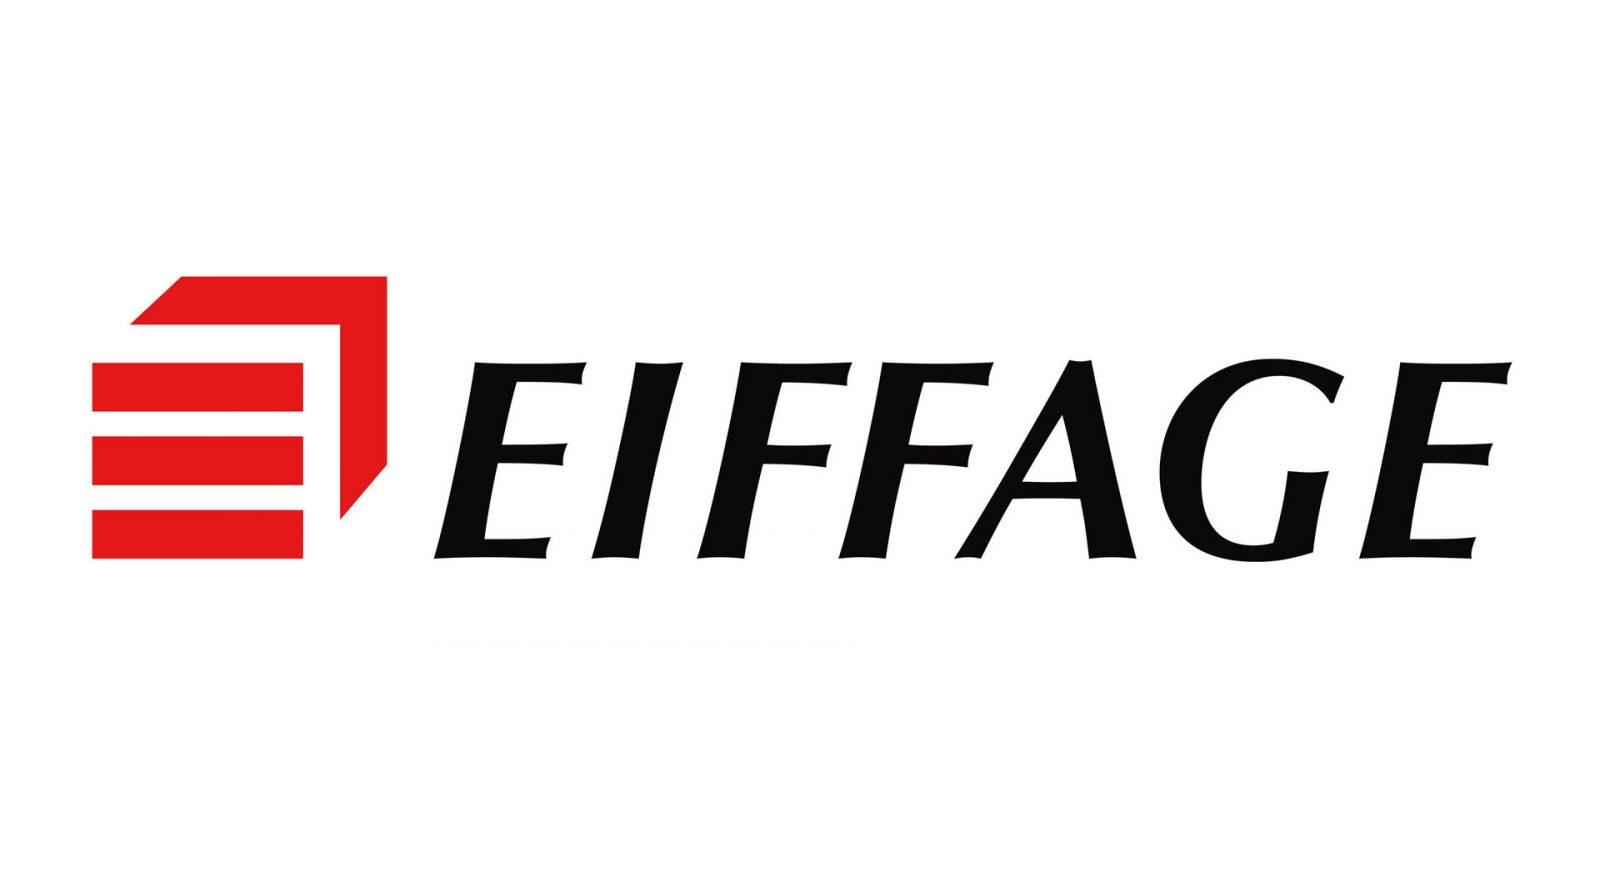 Eiffage : 78 emplois supprimés à Maizières-lès-Metz